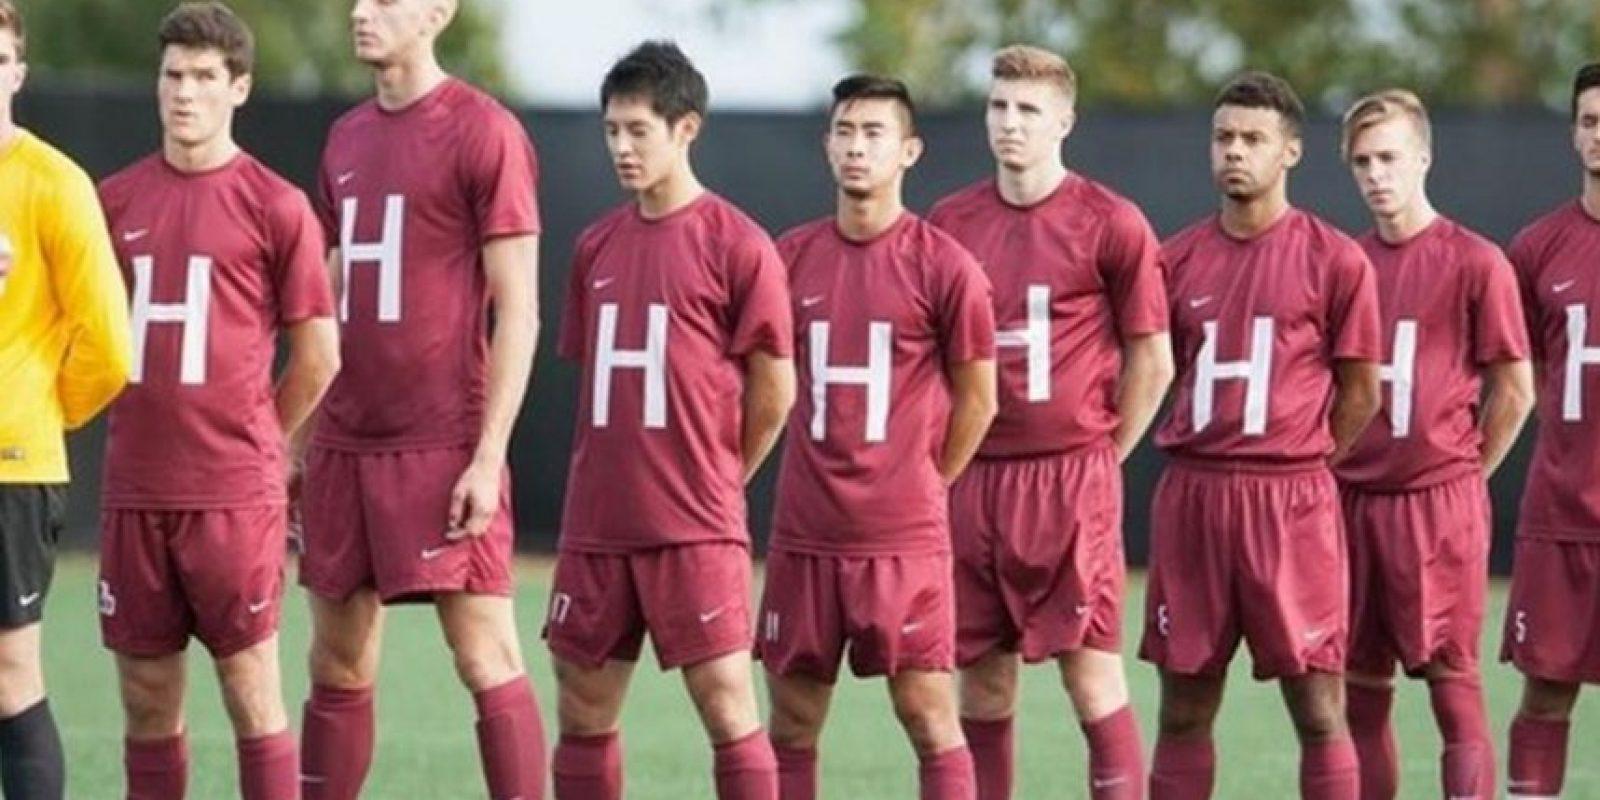 Ivy League Foto:Futbolistas de la Universidad de Harvard enfrentam tremendo escándalo sexual